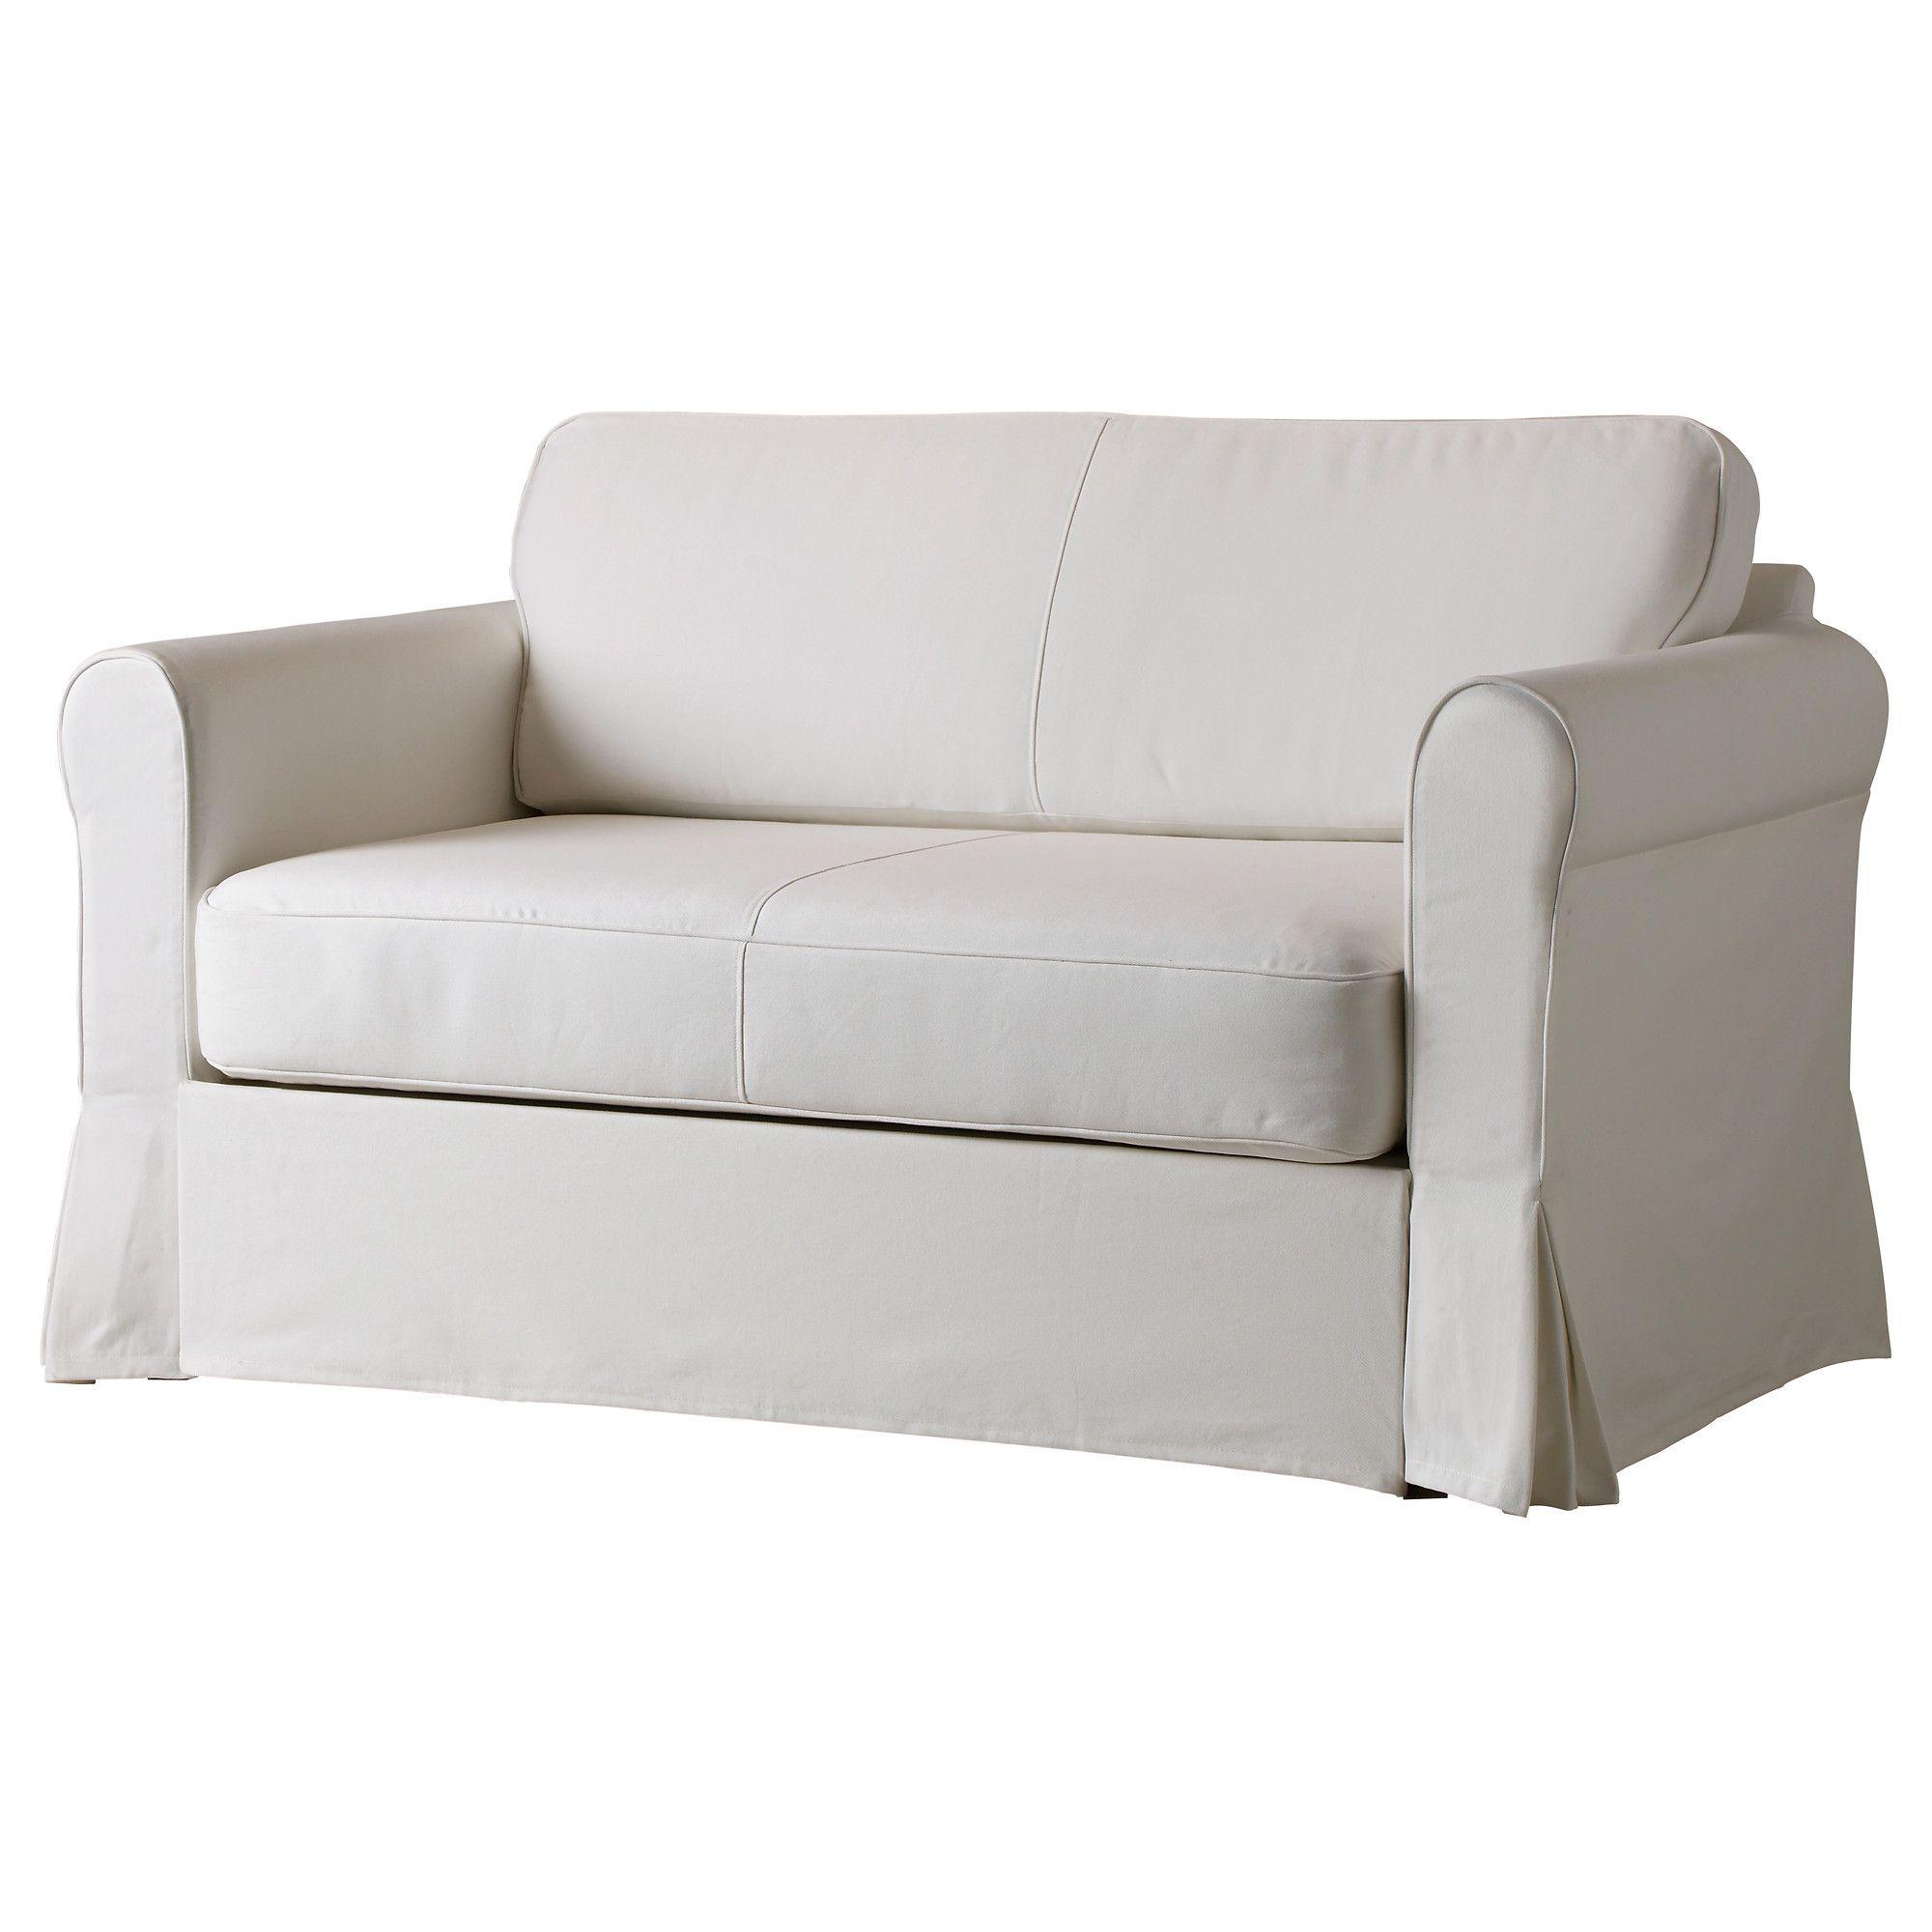 HAGALUND Sofa Bed Blekinge White IKEA 479 Decor Shopping